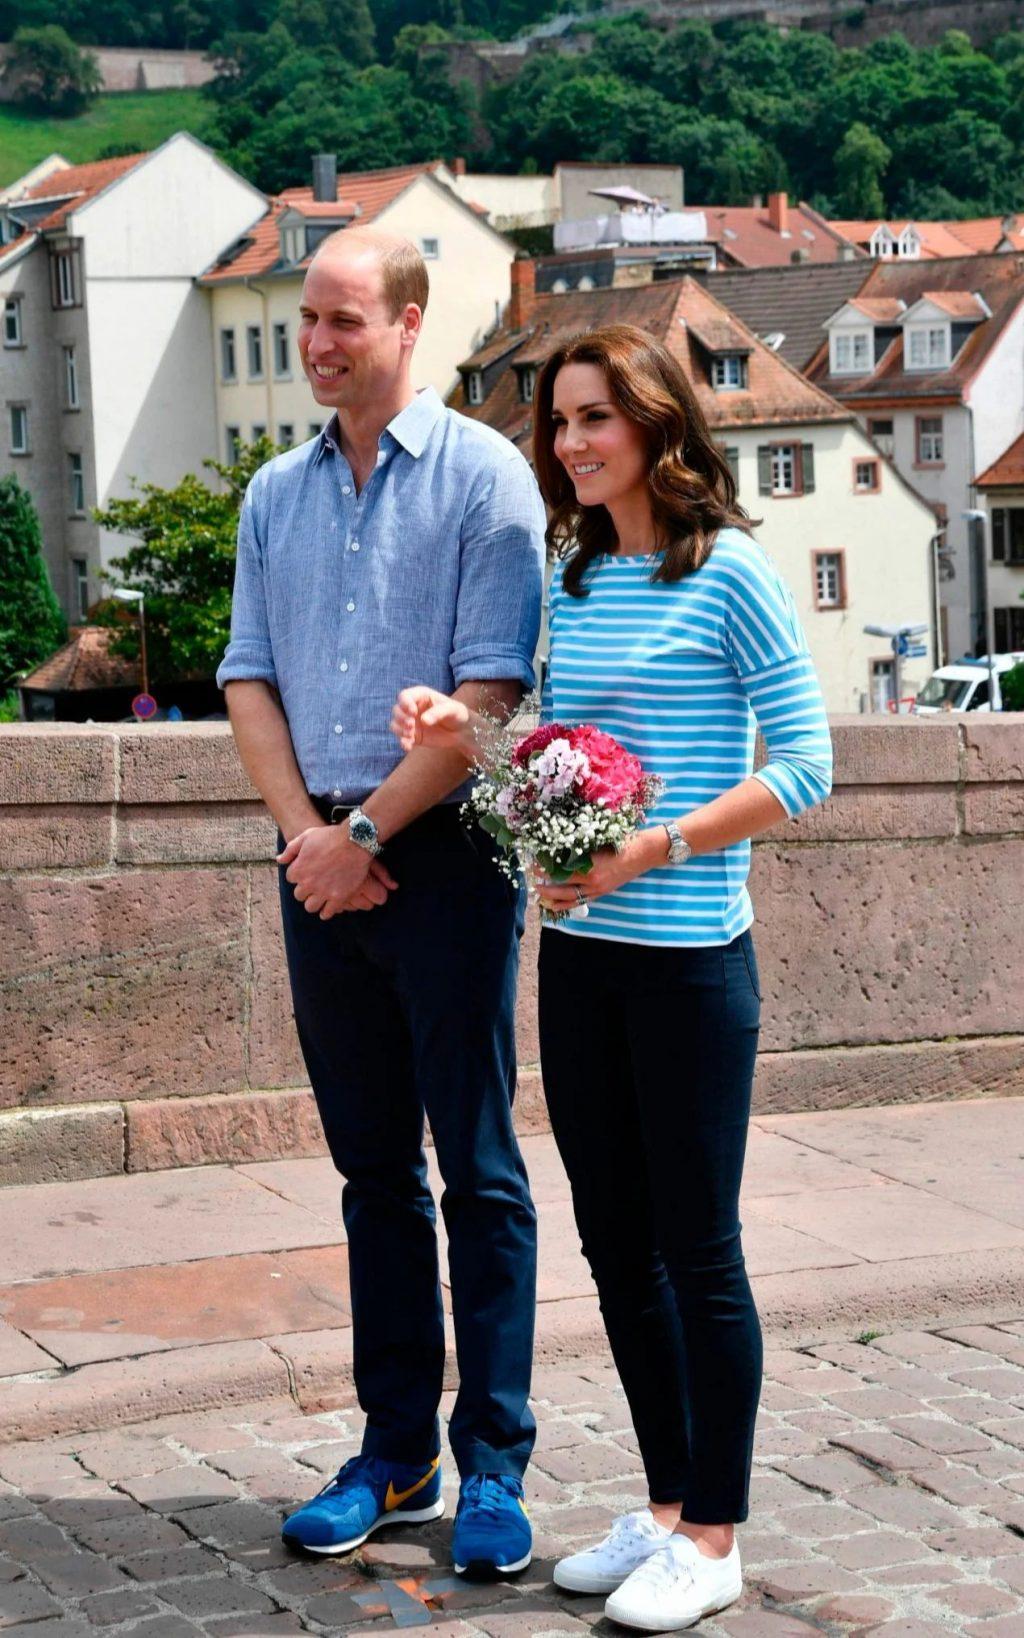 Công nương Kate phối áo kẻ ngang màu xanh sáng cùng giày sneakers trắng.